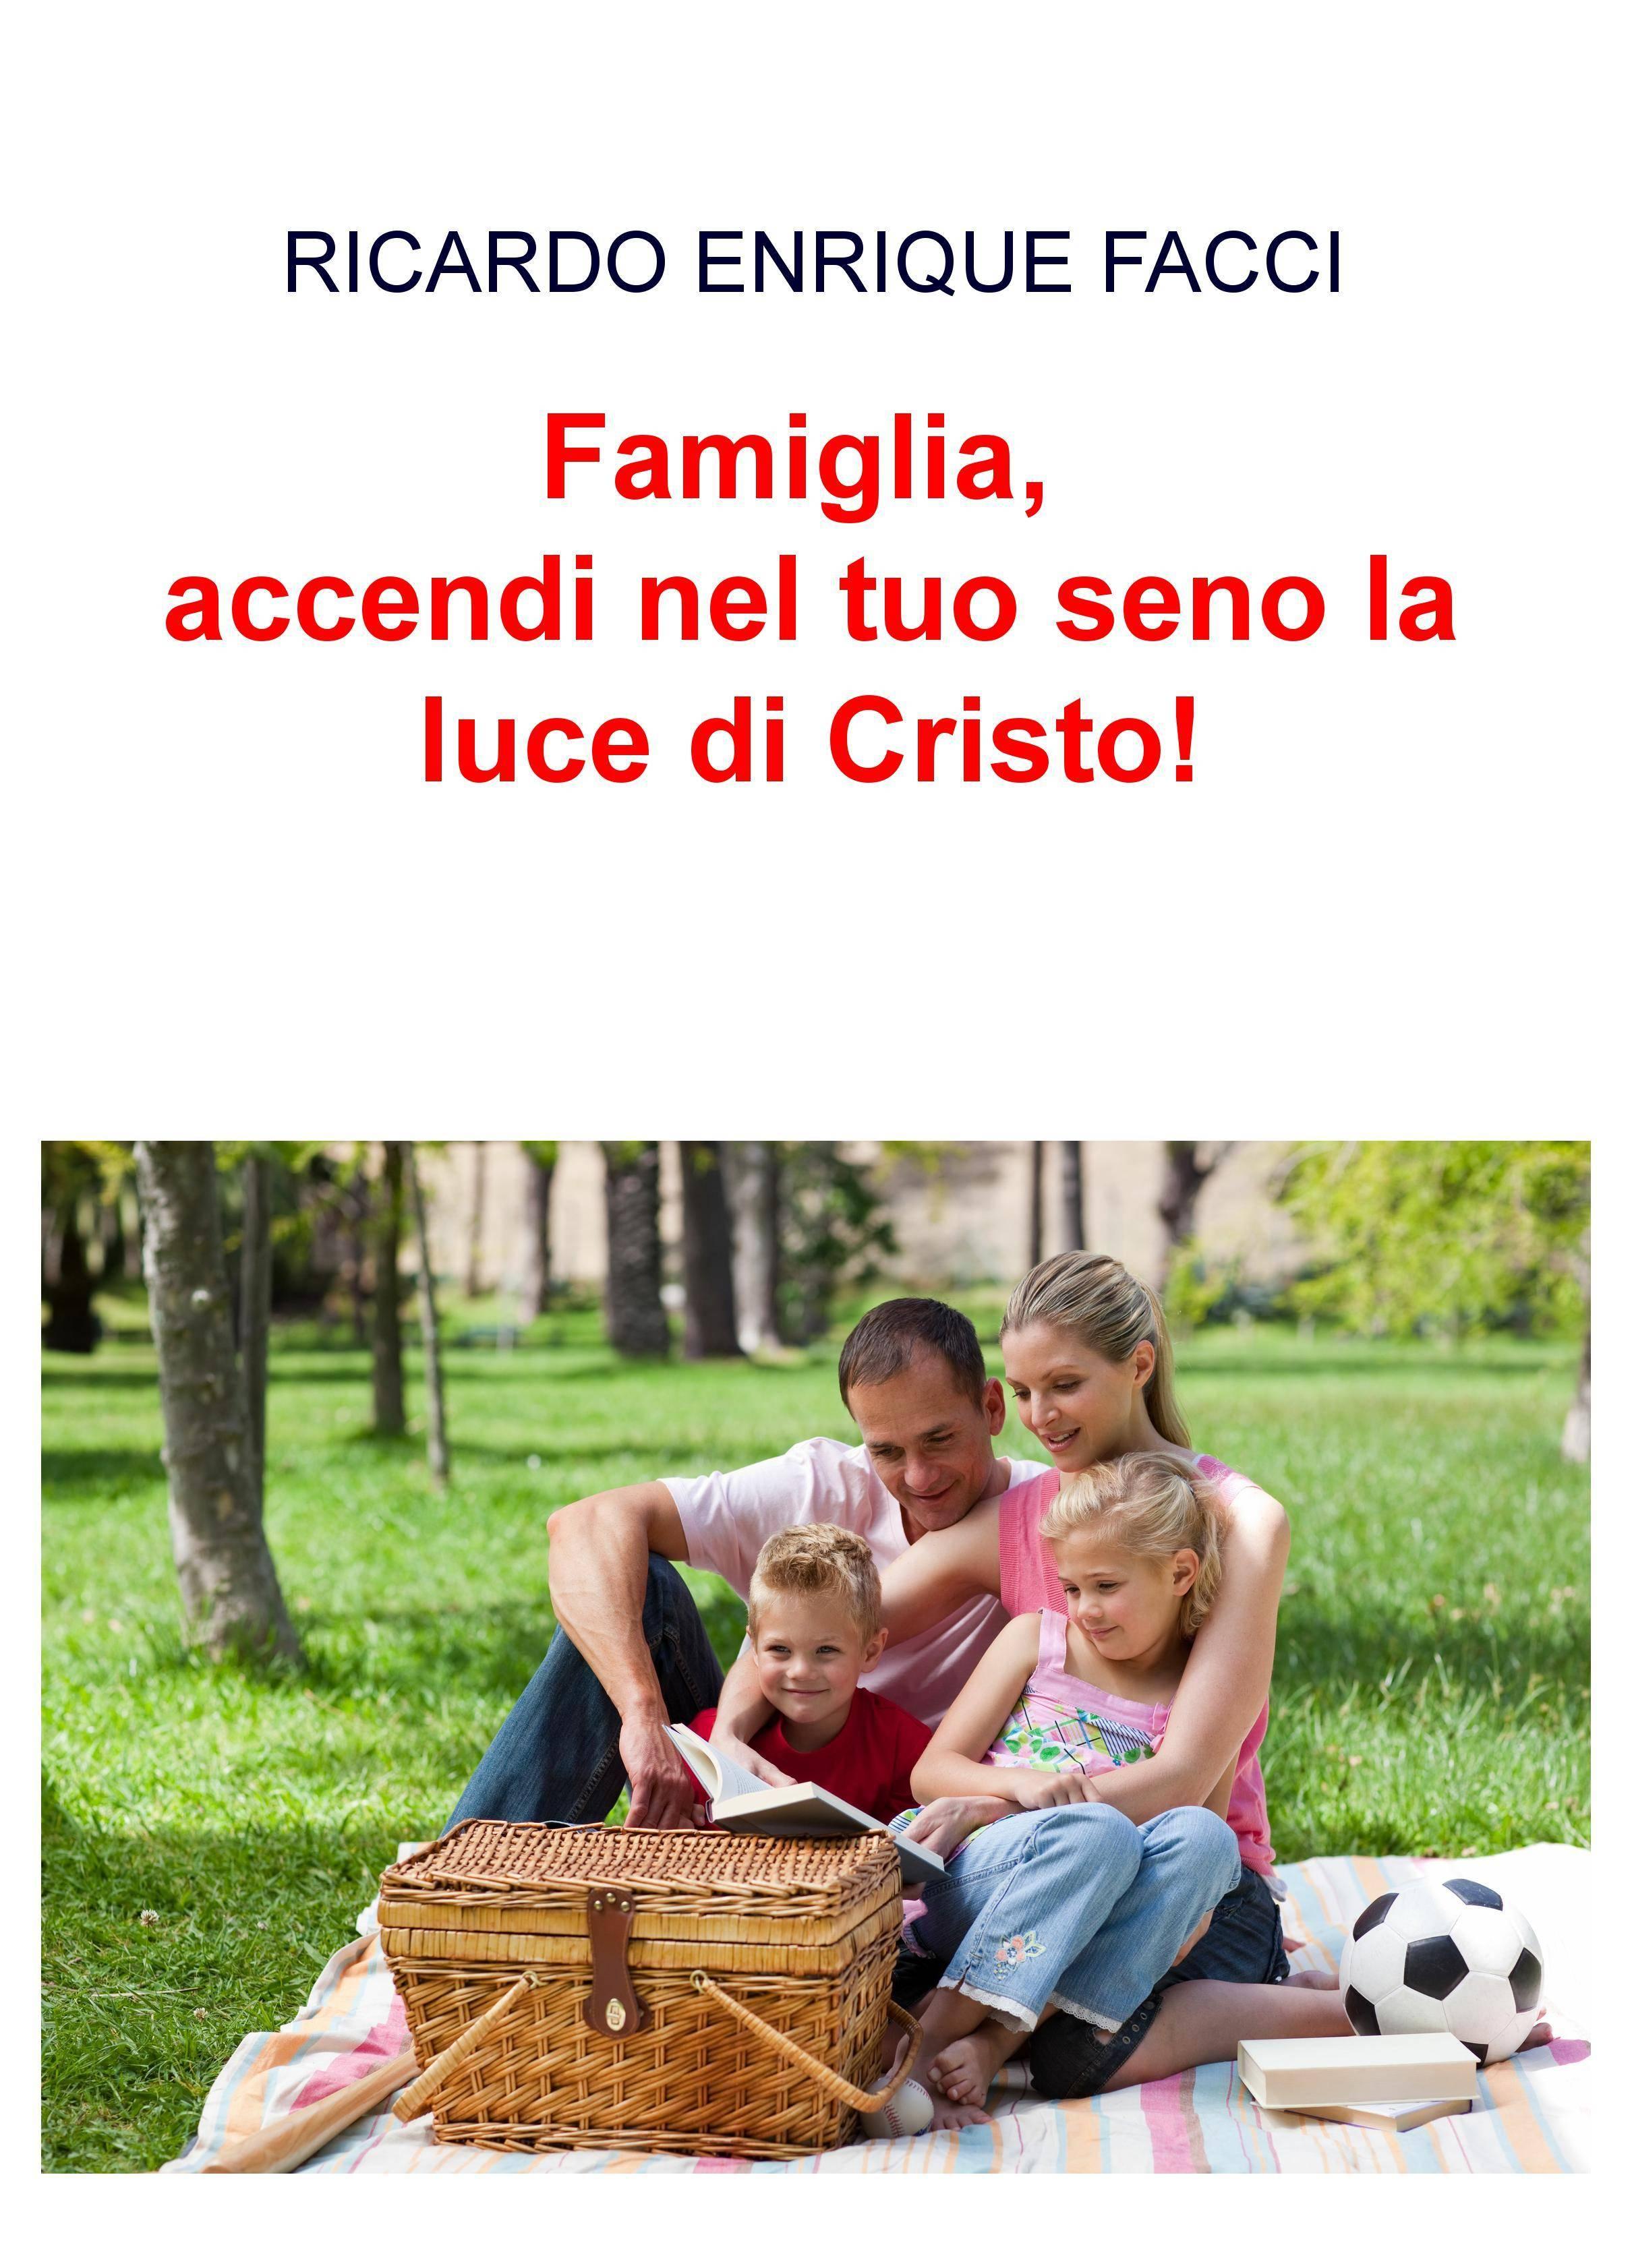 Famiglia, accendi nel tuo seno la luce di Cristo!